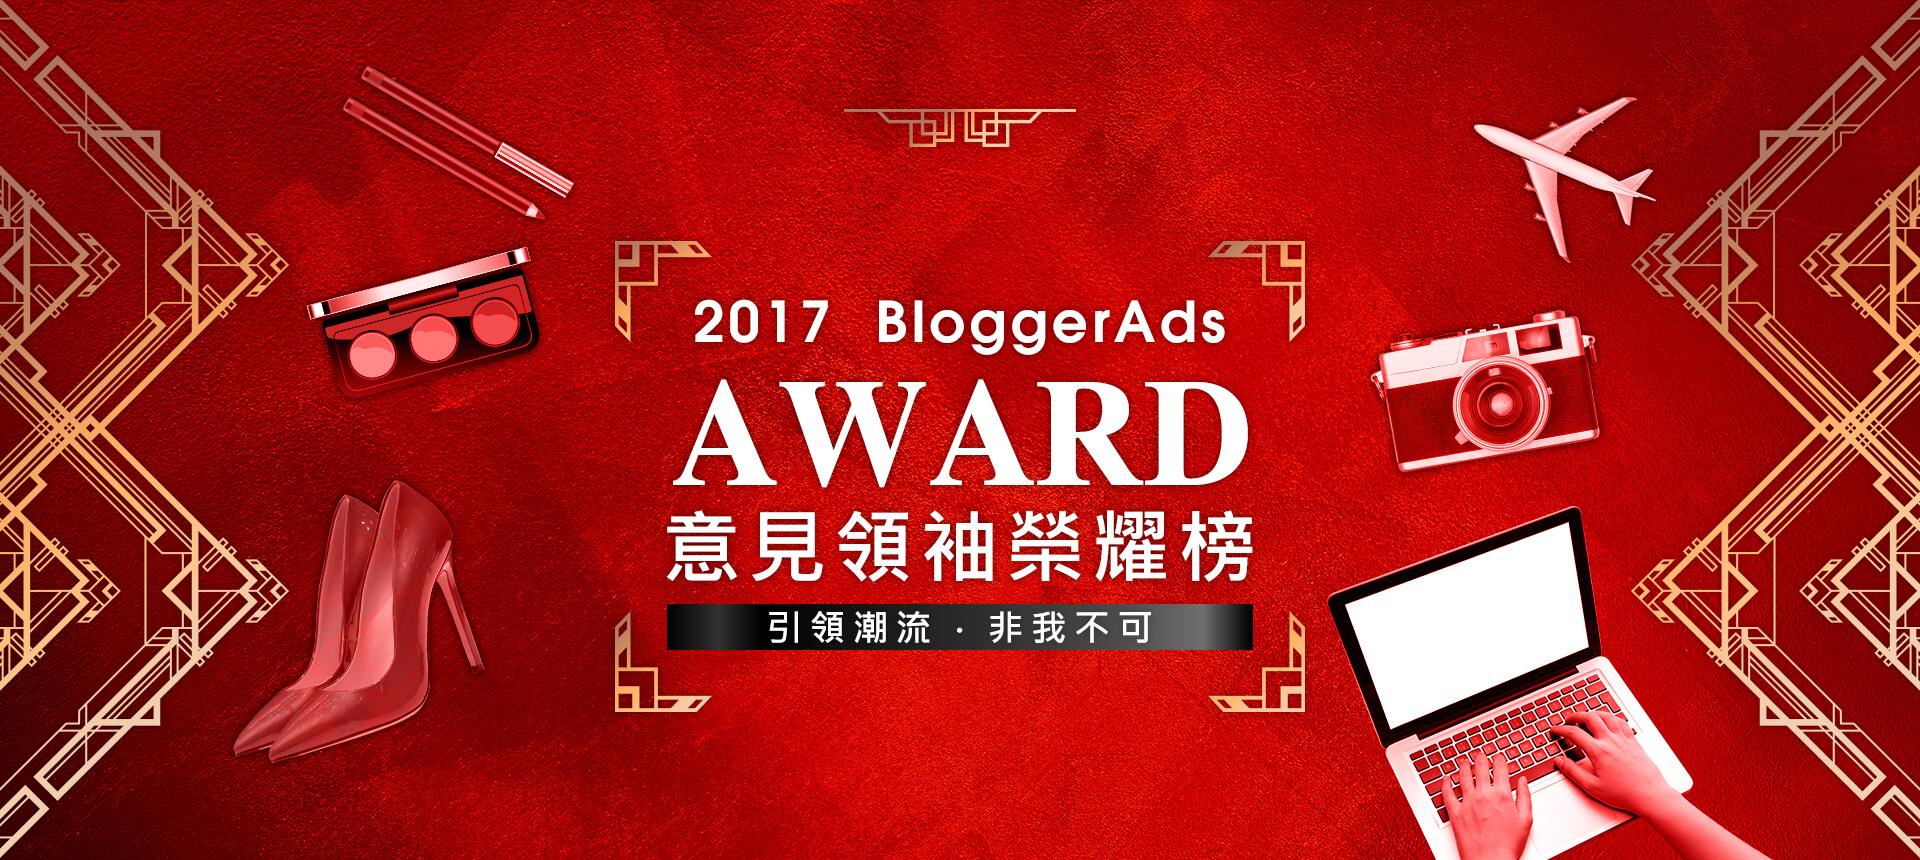 2017 BloggerAds AWARD 意見領袖榮耀榜